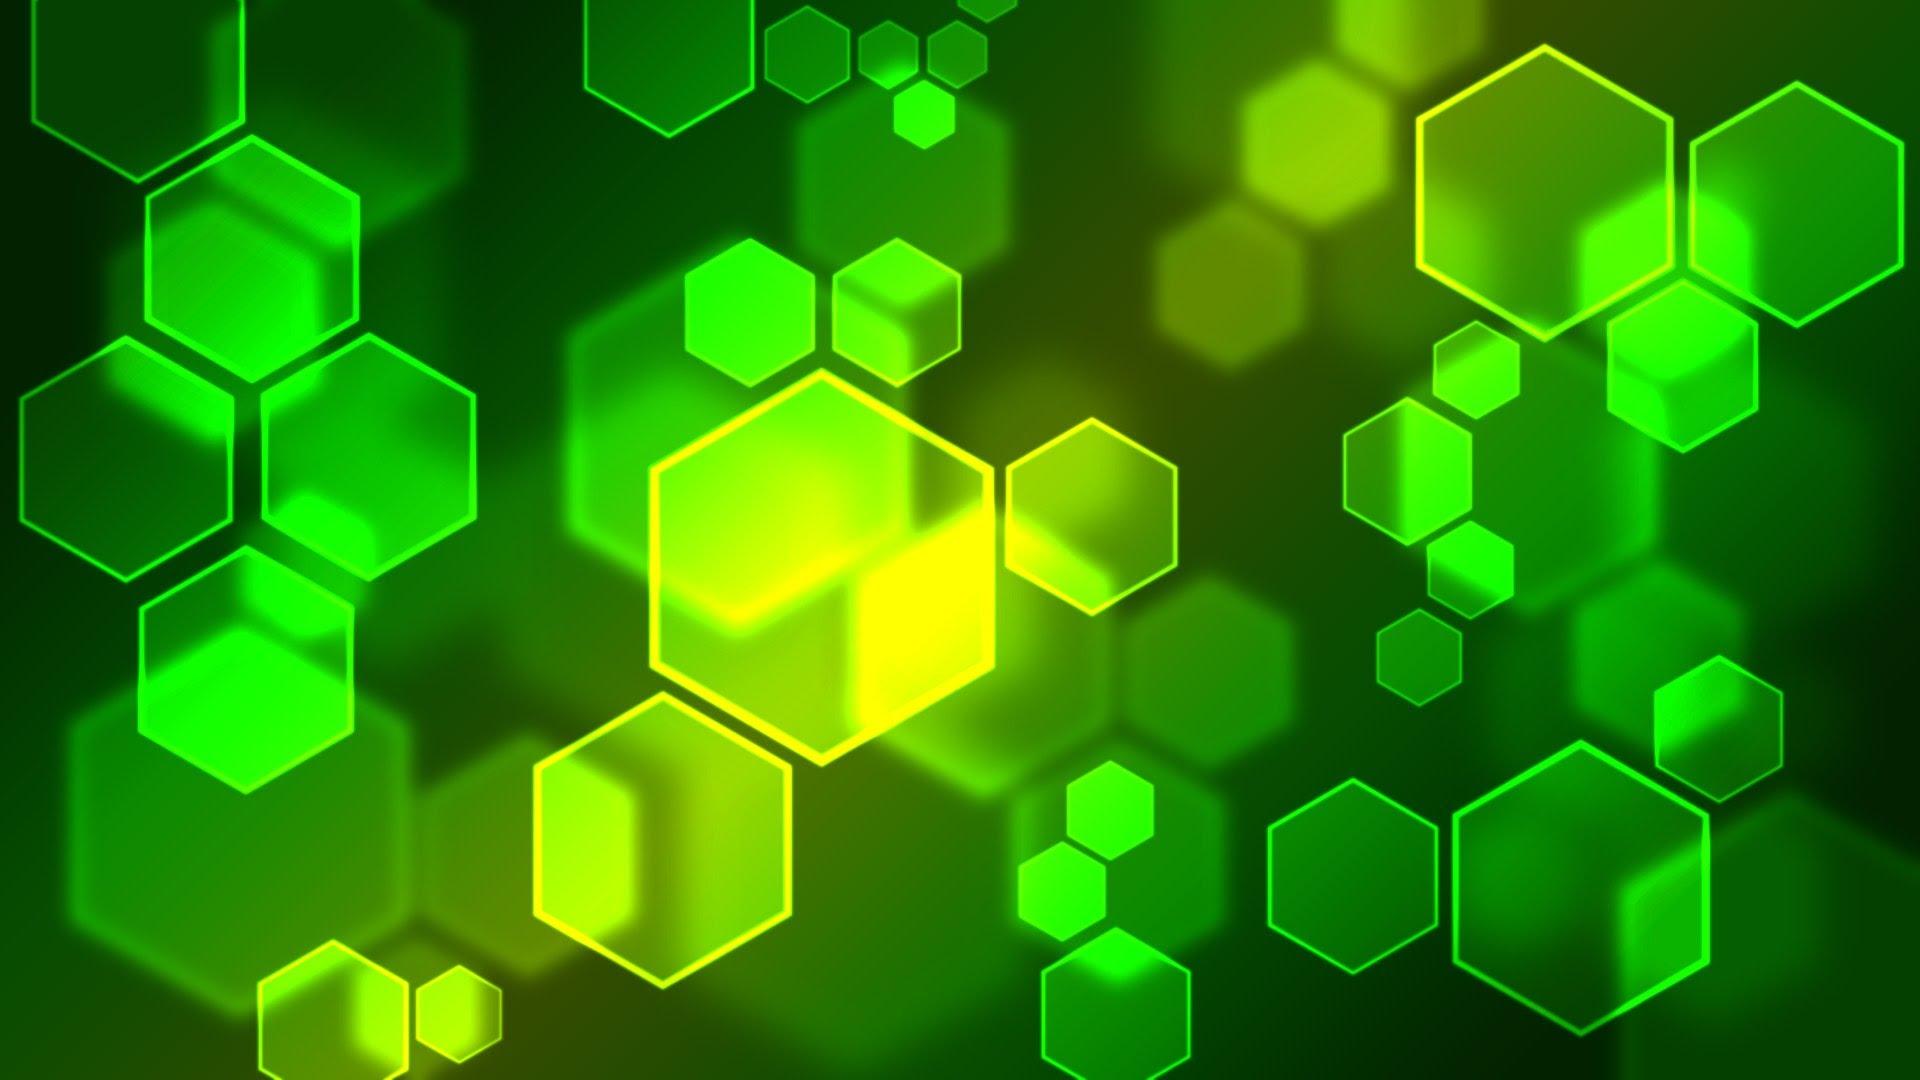 Hexagonal Wallpaper WallpaperSafari